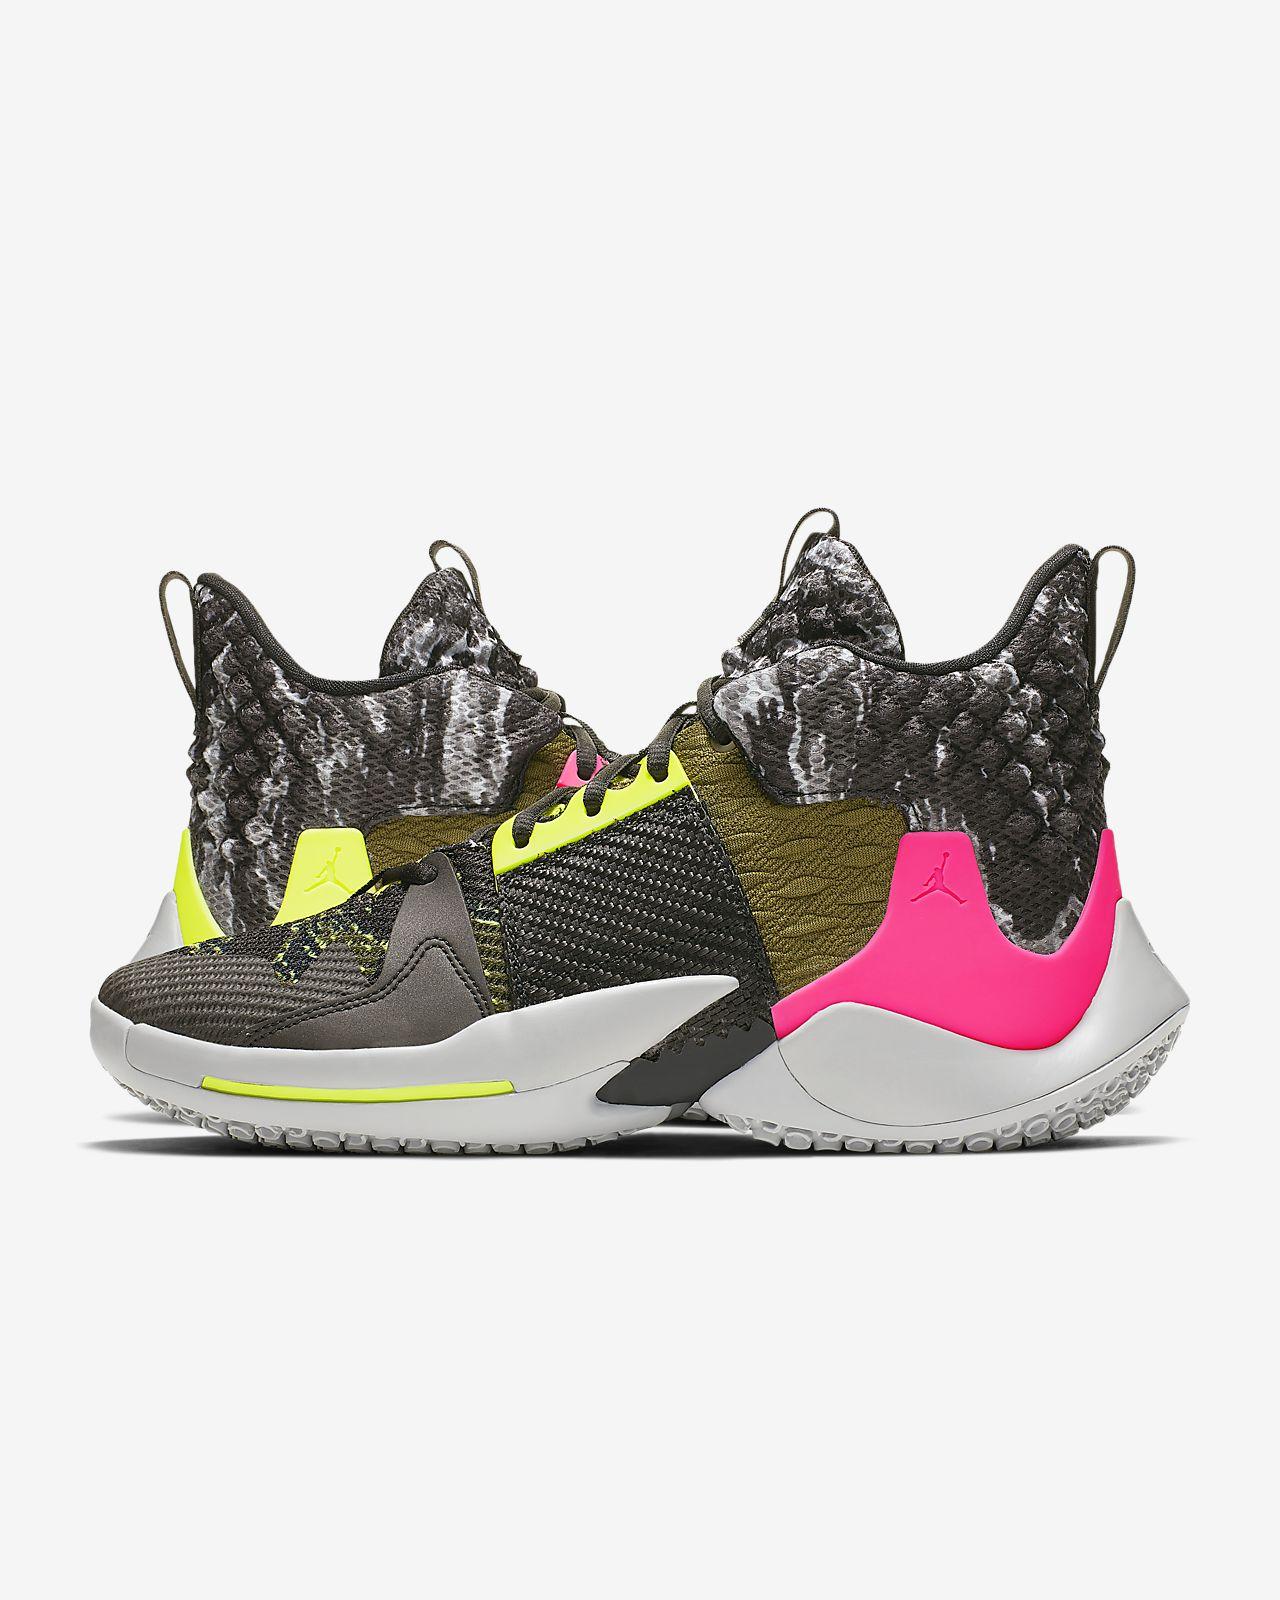 """74fd9fcc Баскетбольные кроссовки Jordan """"Why Not?"""" Zer0.2. Nike.com RU"""